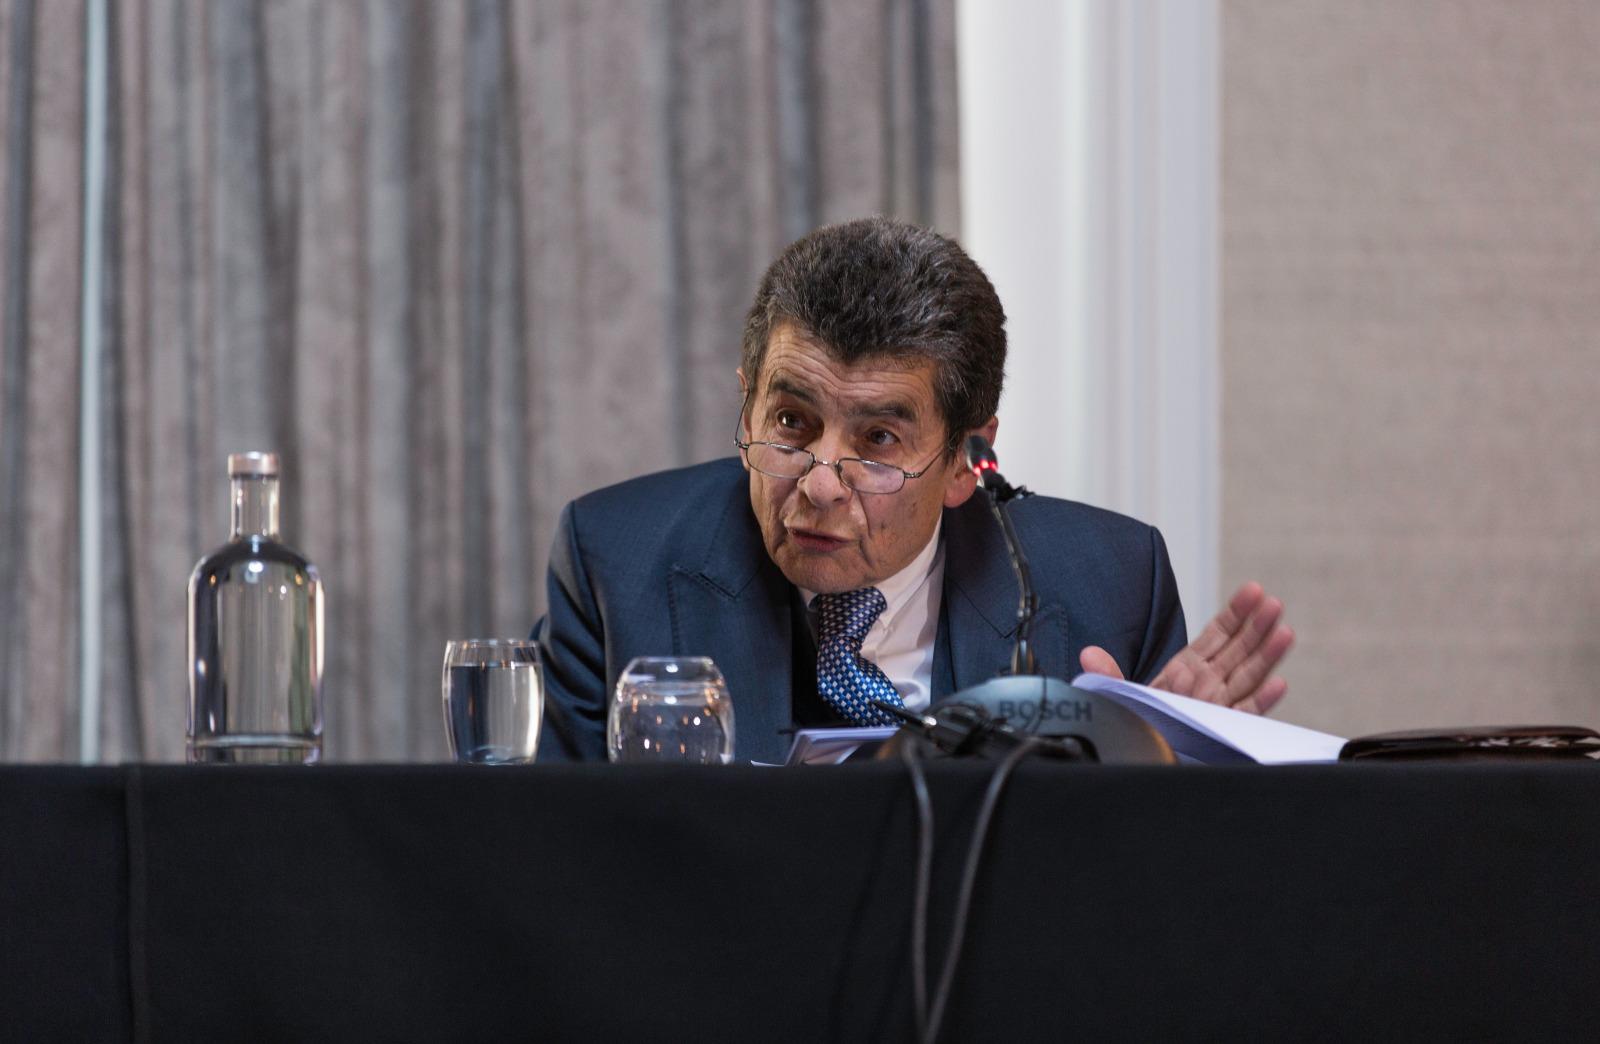 英國御用大律師傑弗里·尼斯爵士(Sir Geoffrey Nice QC)擔任主席的「人民法庭」判定,中共仍在活摘法輪功學員器官。(冠奇/大紀元)